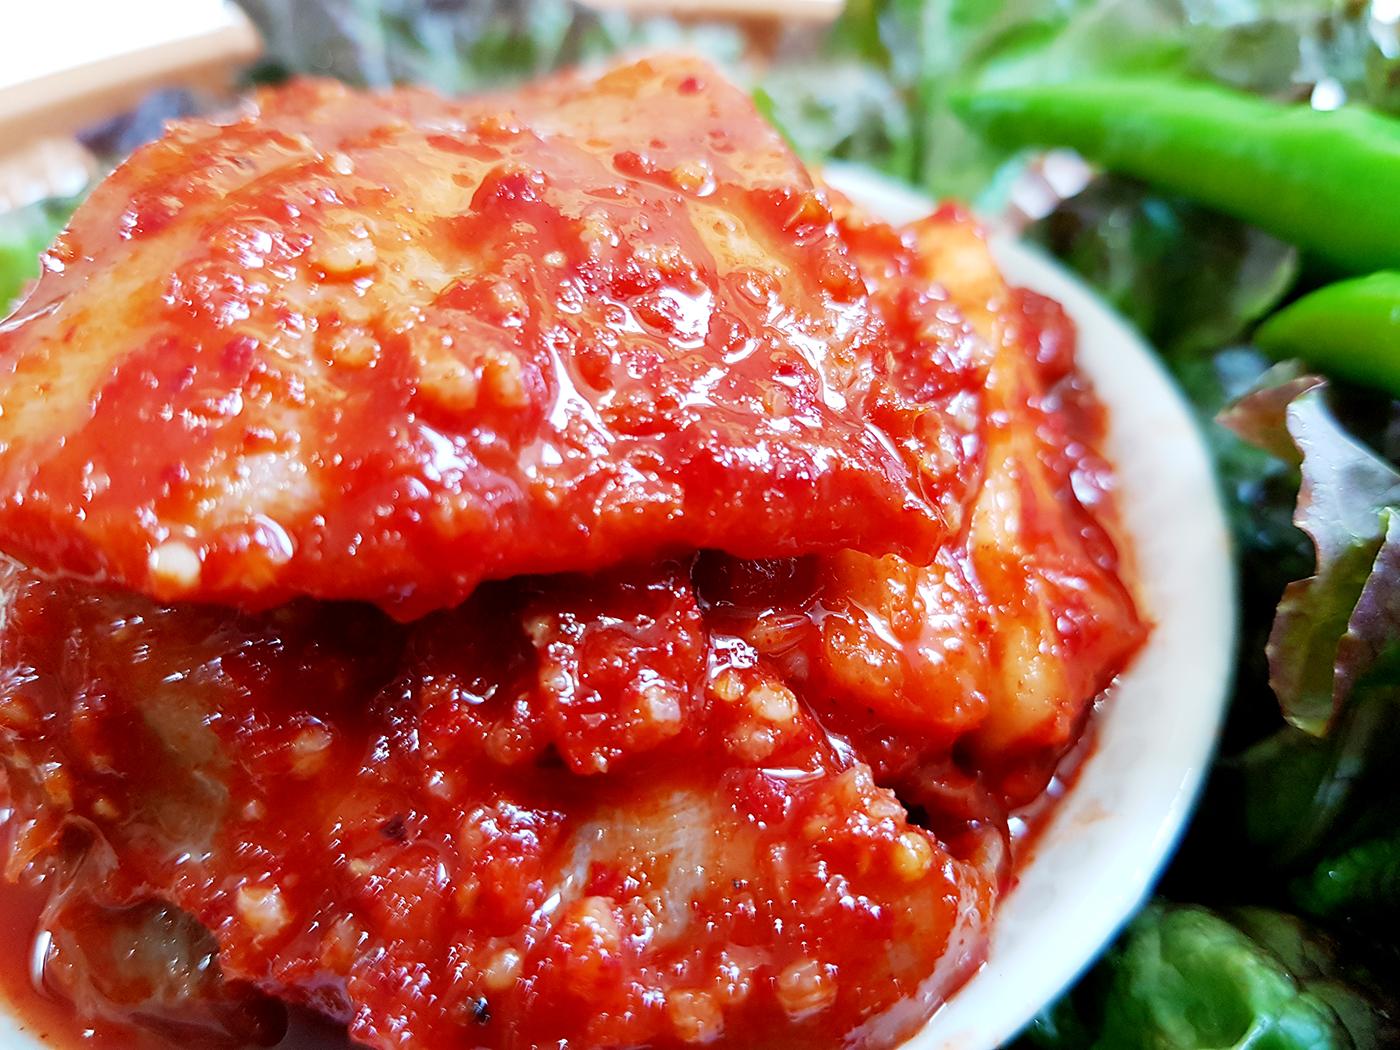 함경도 향토 젓갈 가마지 식해/새콤달콤한 맛이 일품인 청정 고성의 가자미 식해 향토 젓갈(500g/1kg) 상세이미지3